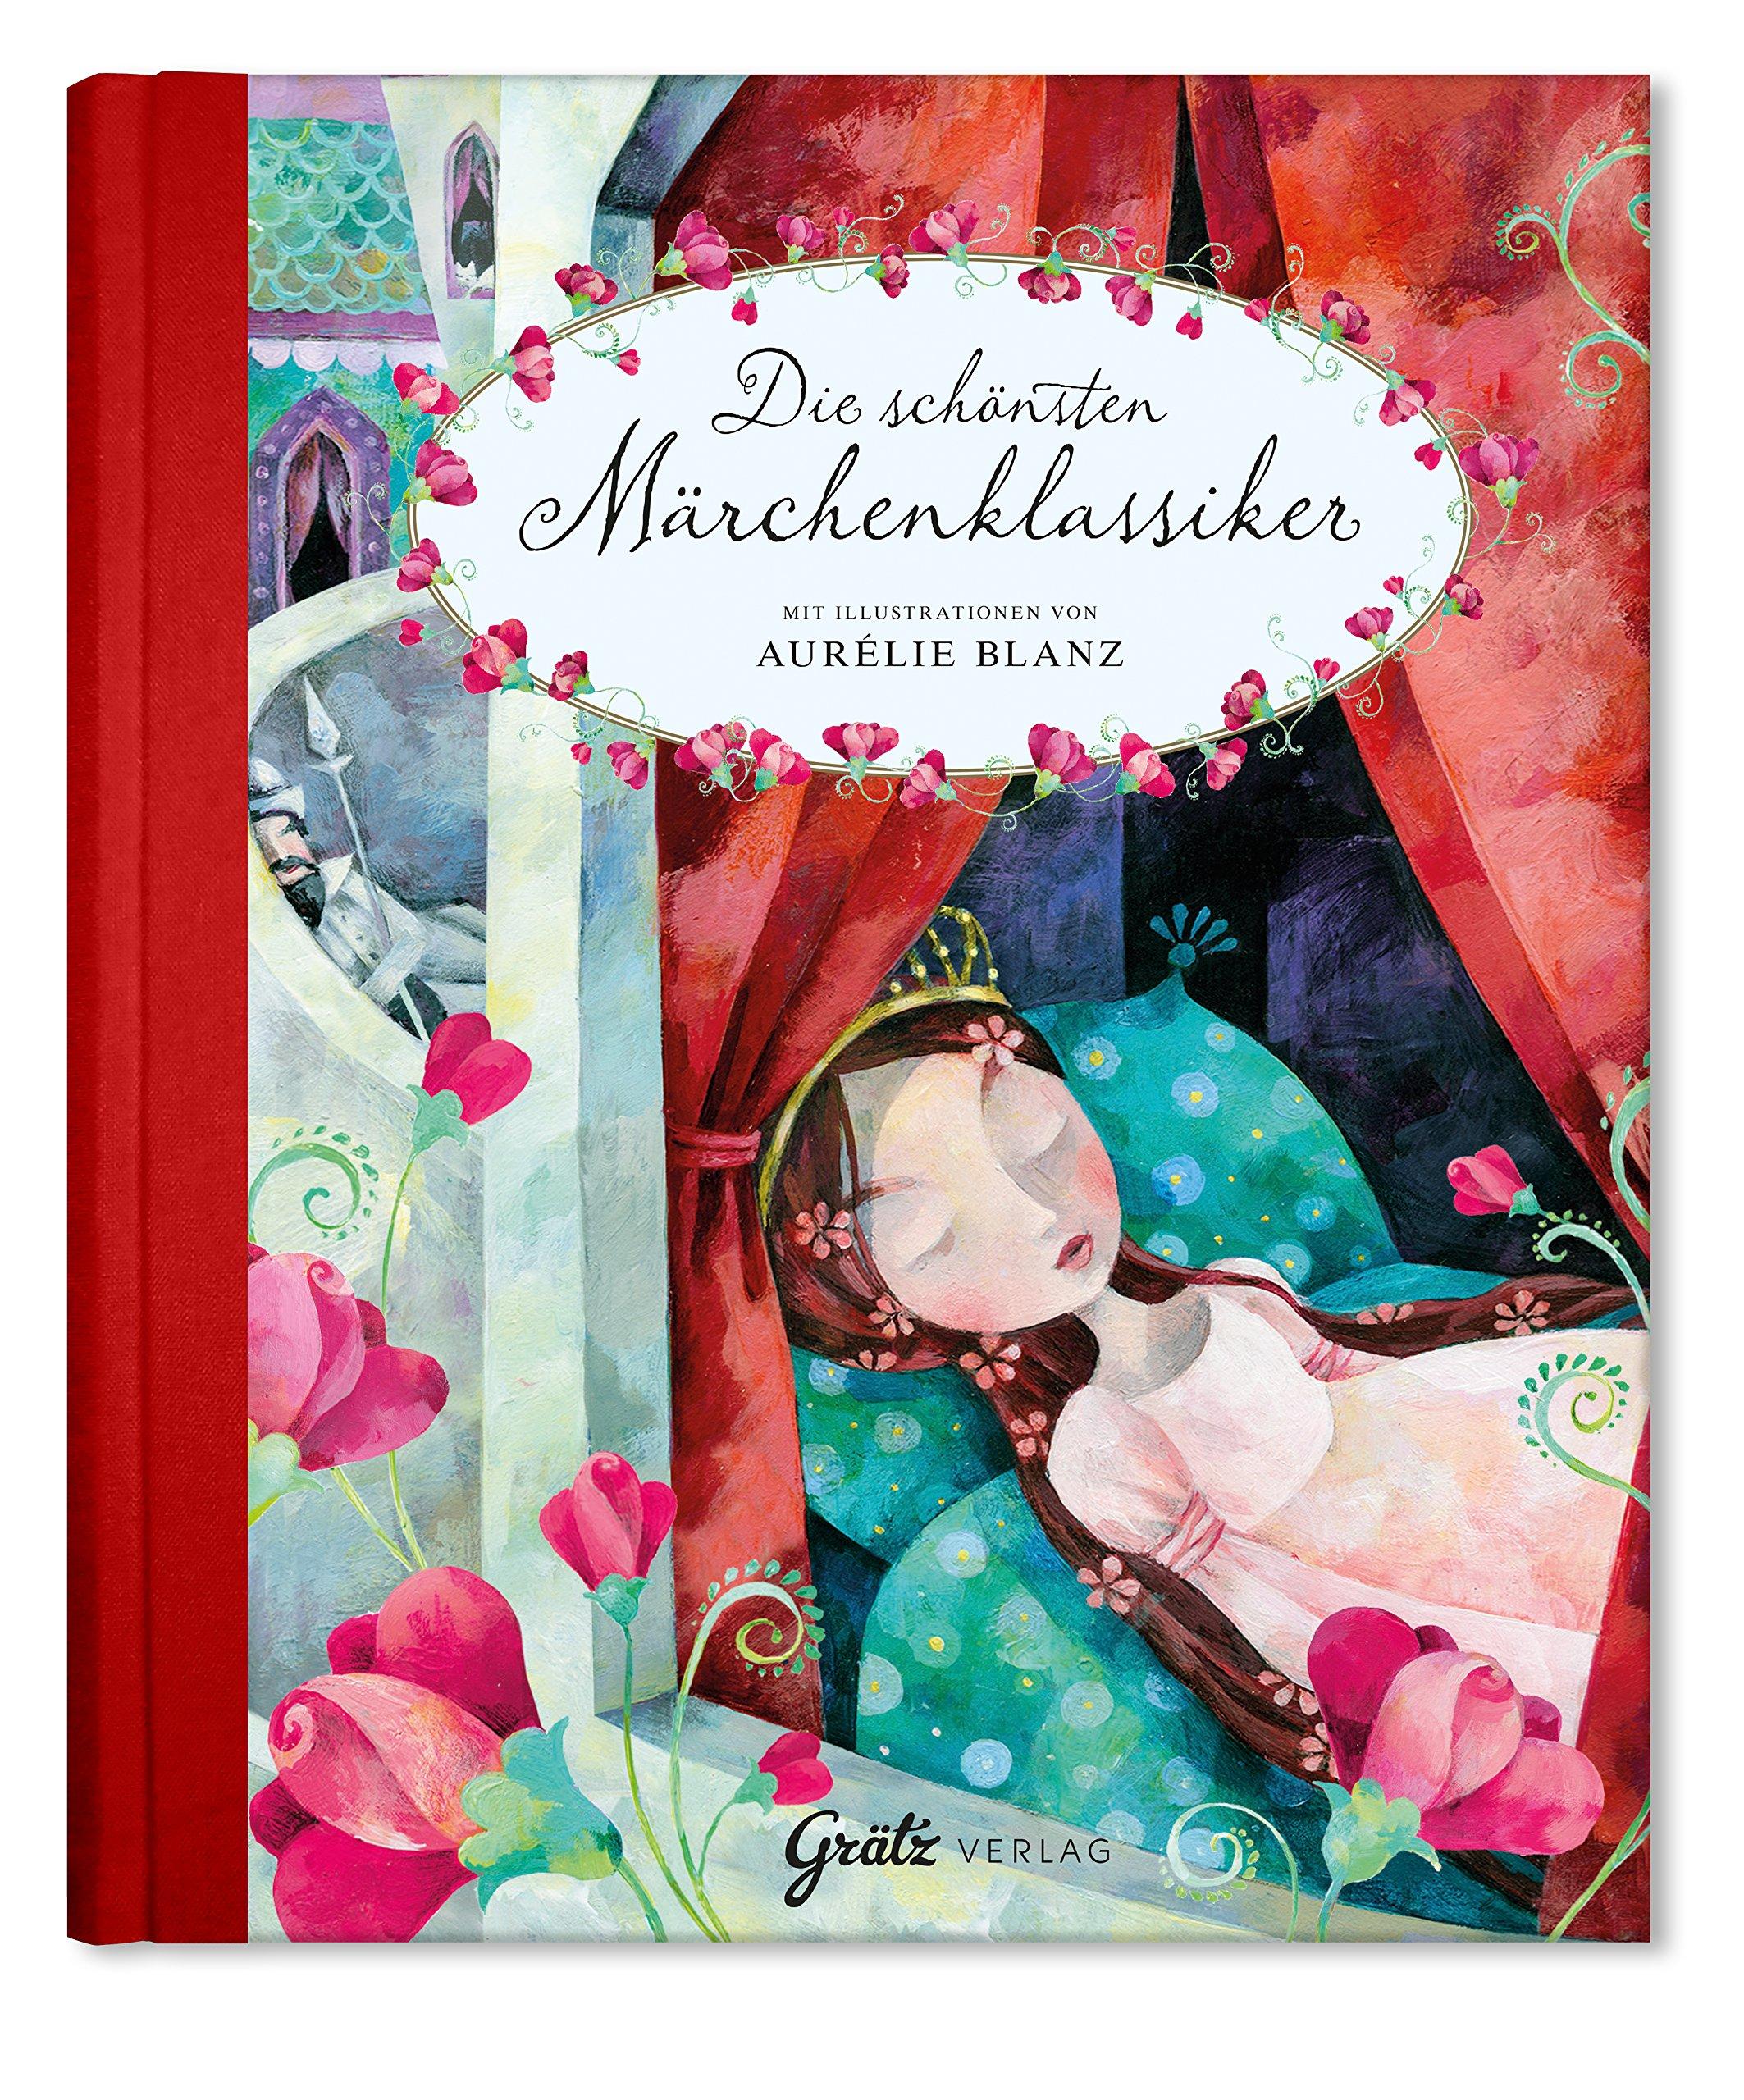 Märchenbuch Die schönsten Märchenklassiker (Gebrüder Grimm & Hans Christian Andersen) Märchensammlung Grimms & Andersensen Märchen für Kinder Erwachsene Jungen und Mädchen